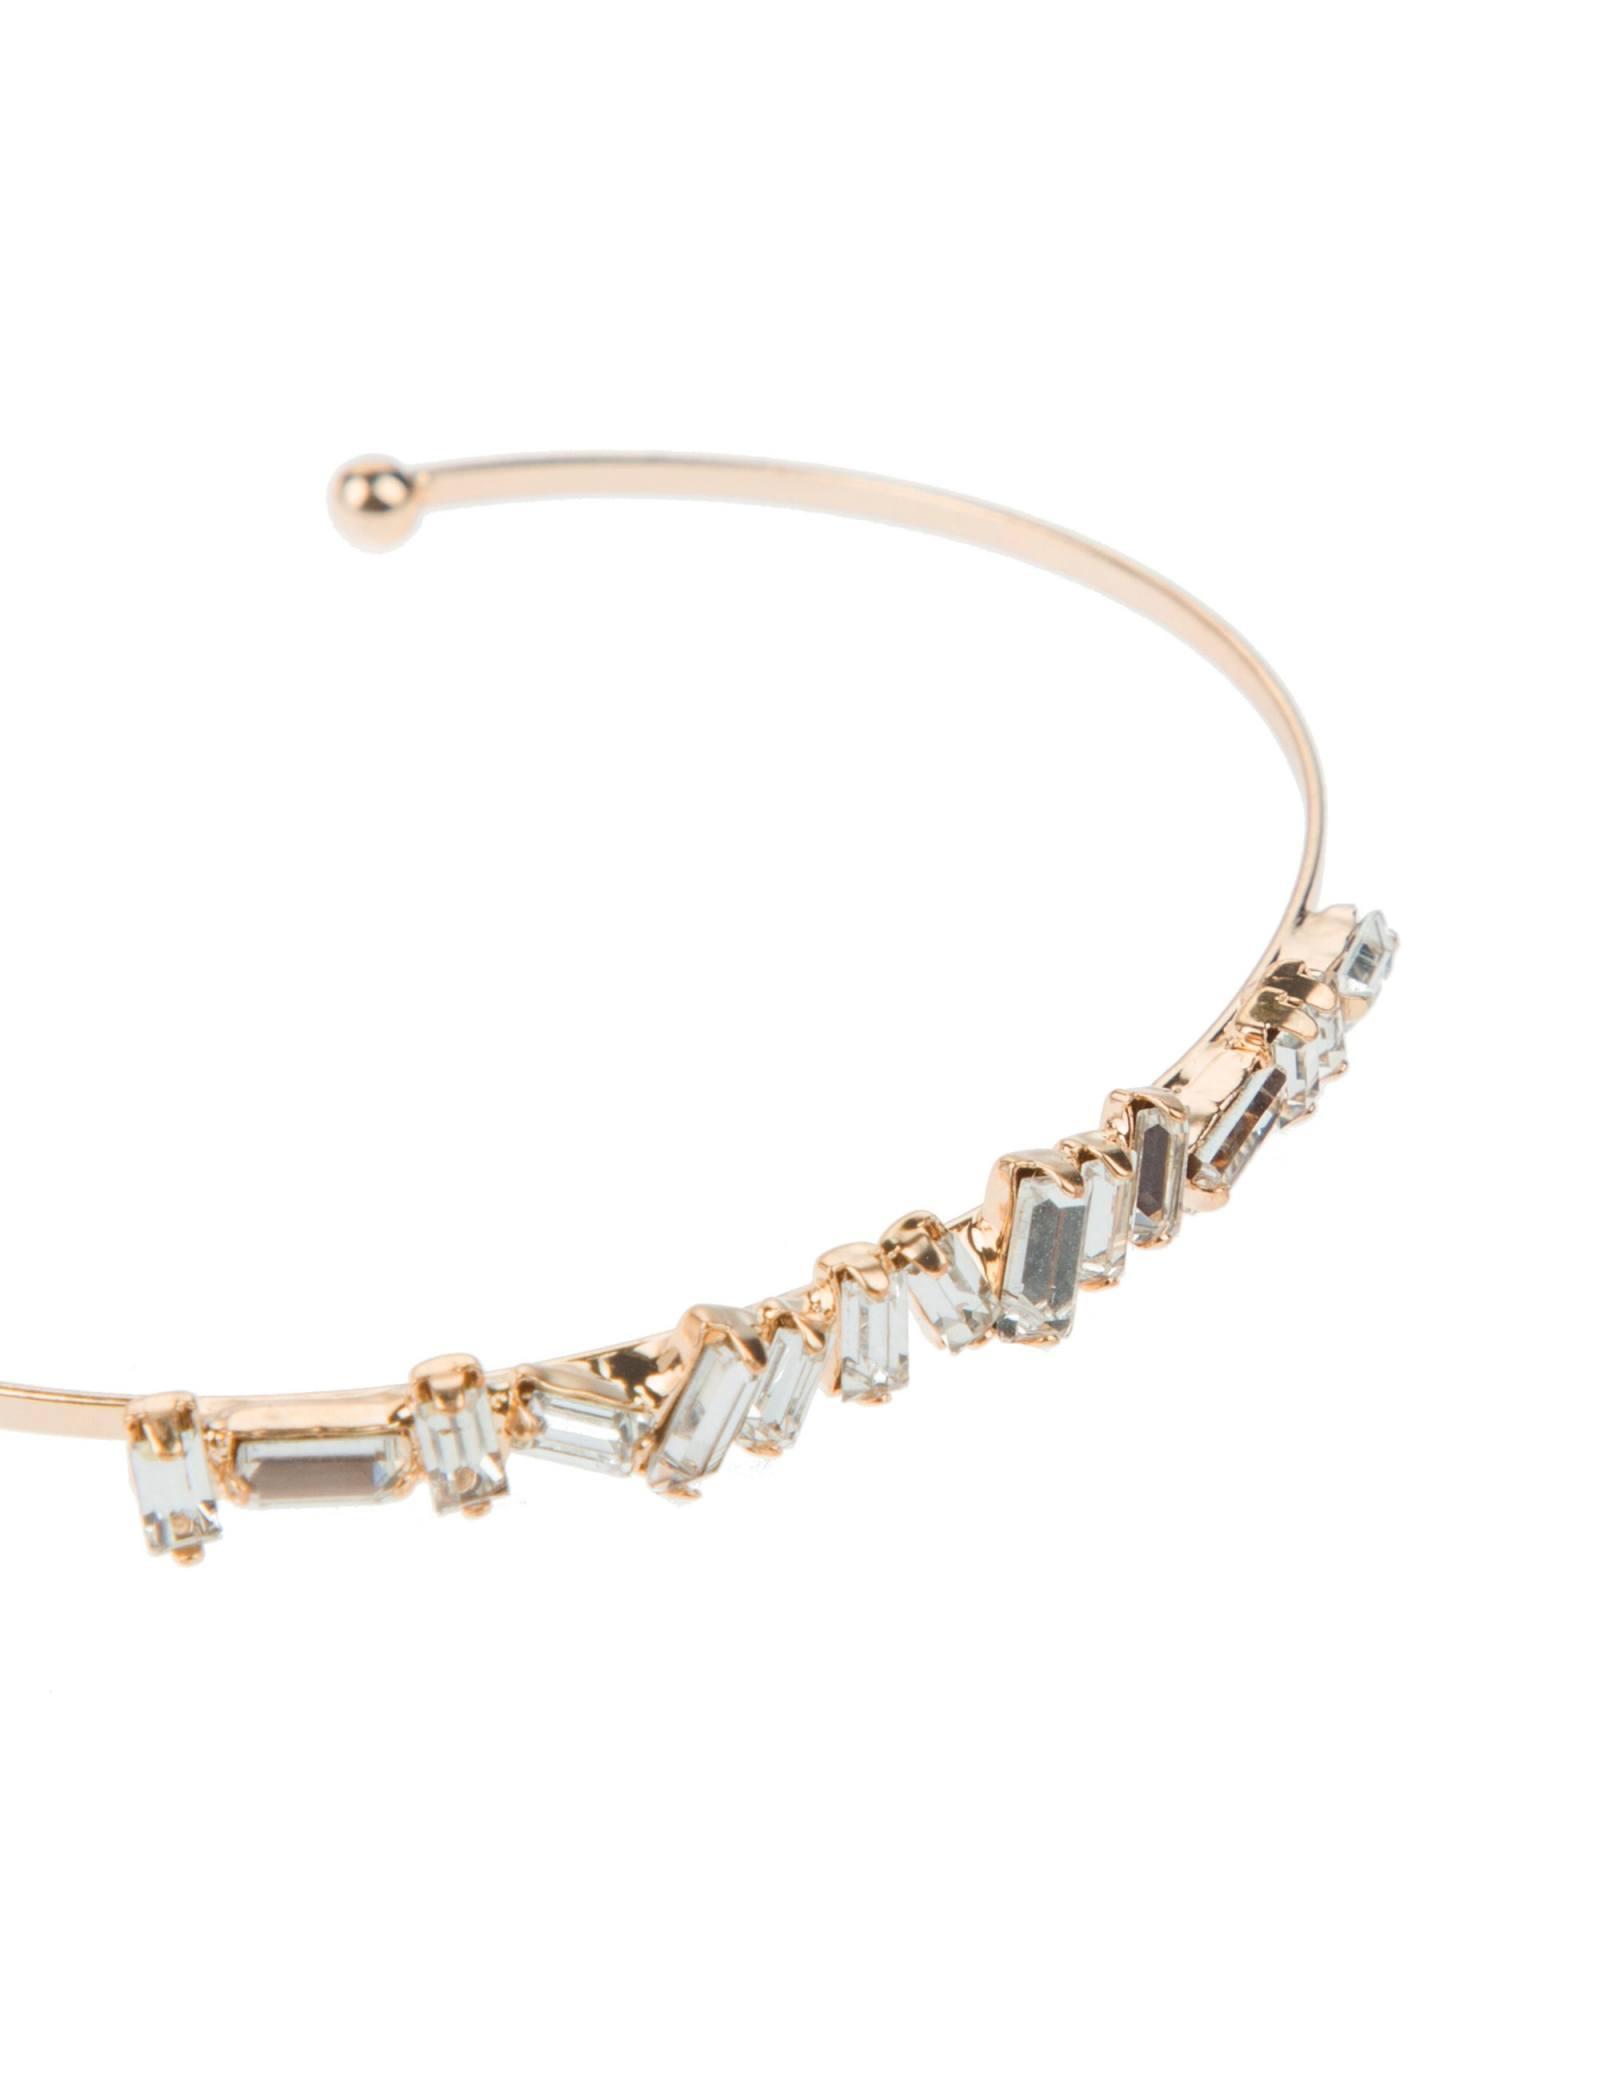 دستبند النگویی زنانه بسته 3 عددی - آلدو تک سایز - طلايي - 5